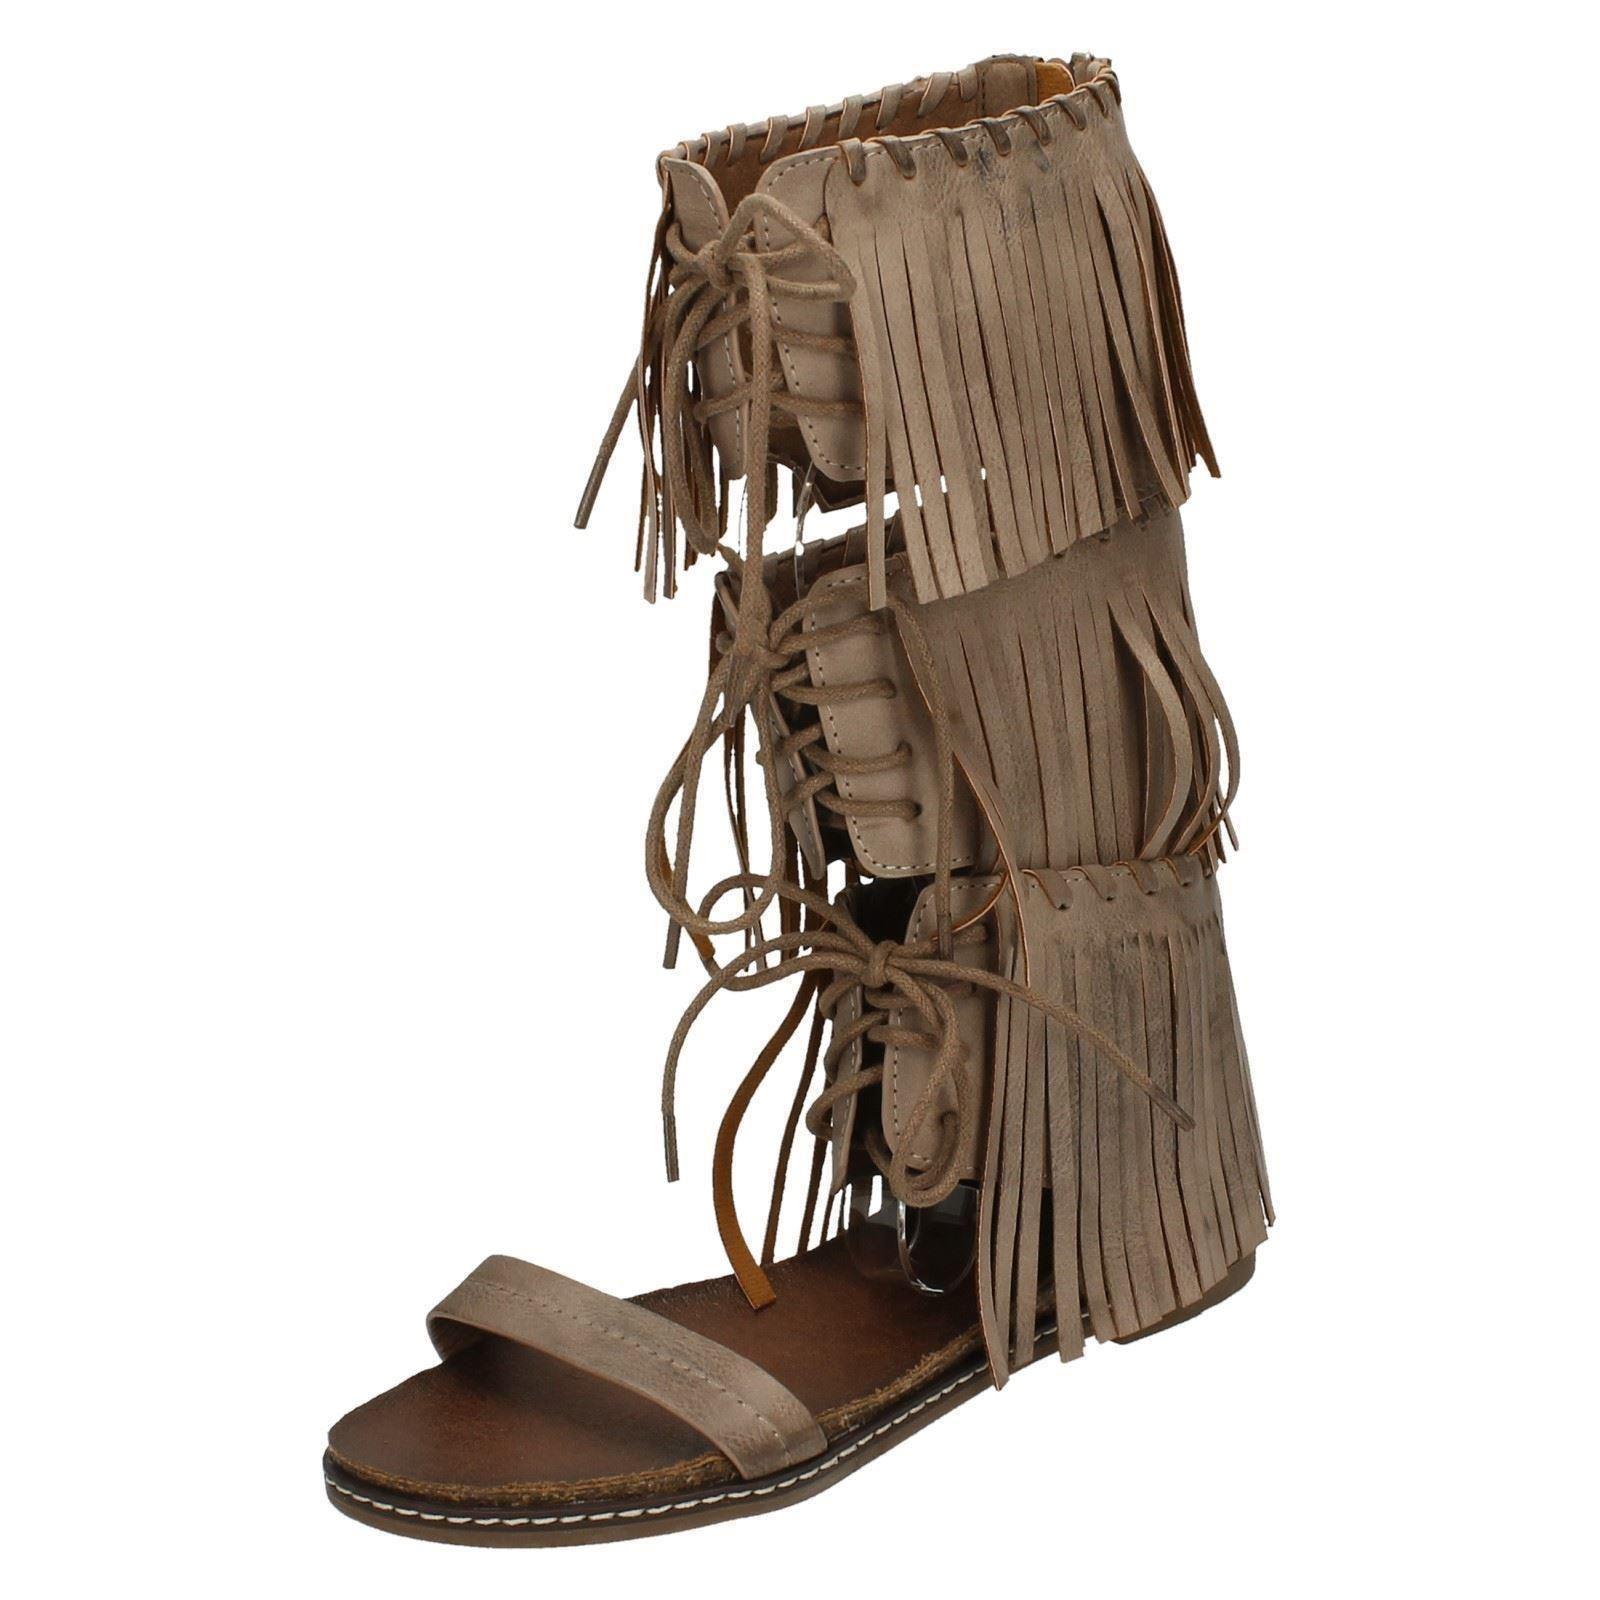 Damas Savannah Baja Sandalia de cuña de la pierna con flecos de Encaje F0978